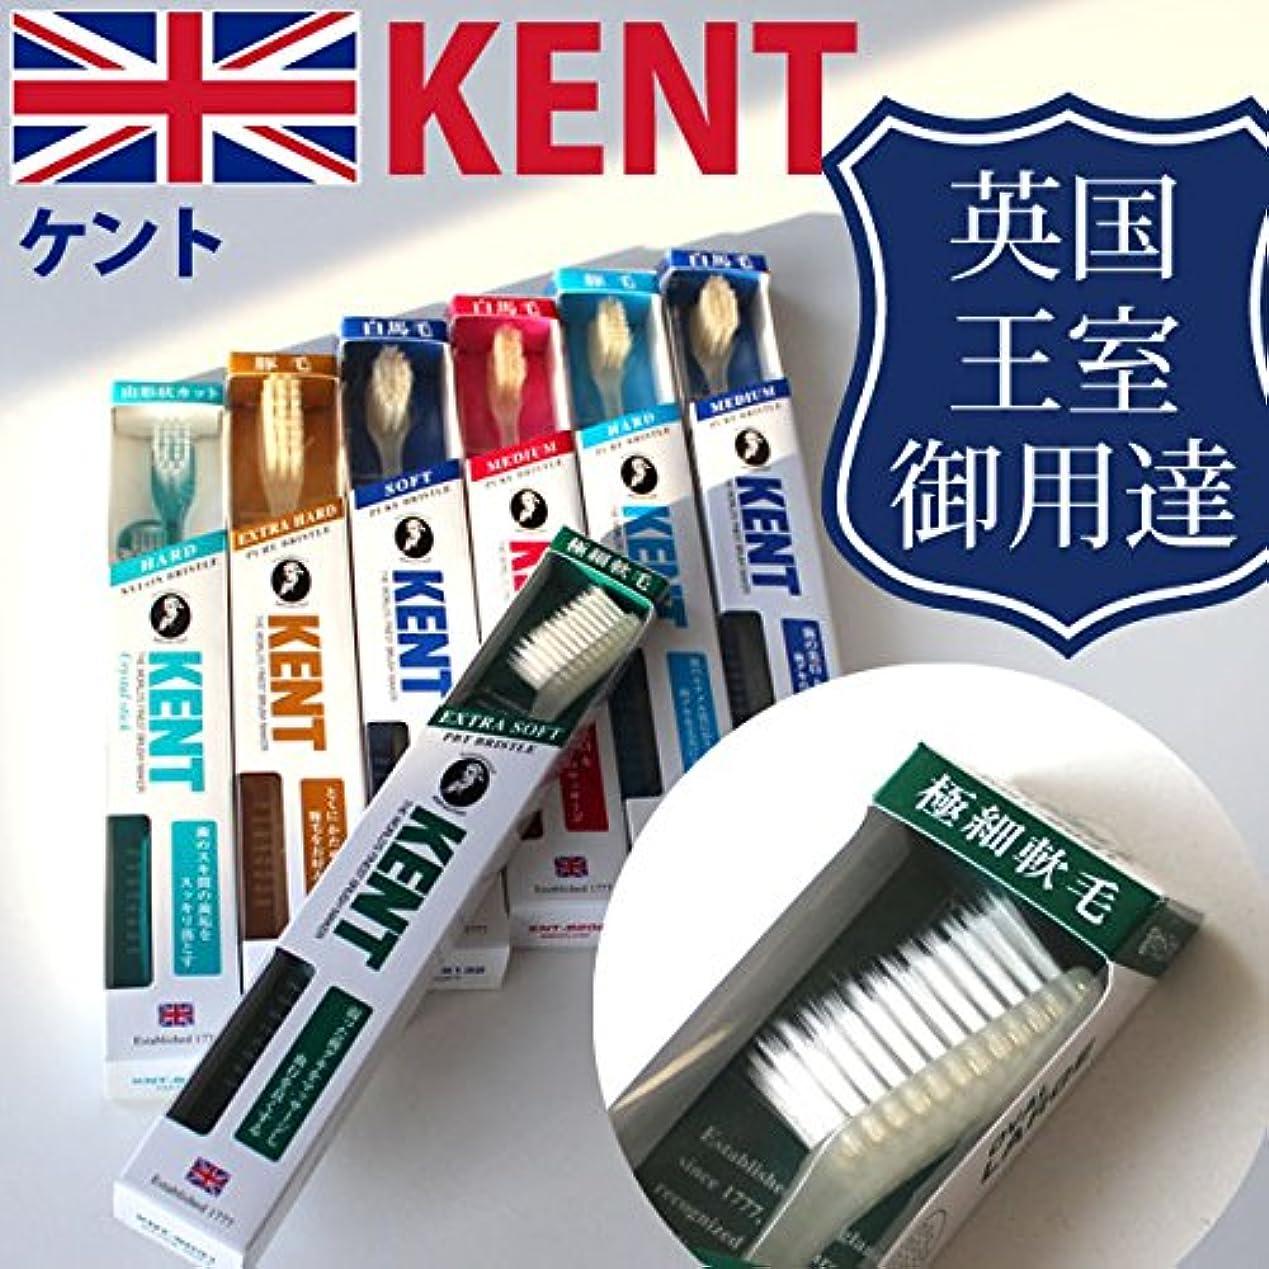 会員銛逆にケント KENT オーバルラージヘッド極細軟毛/歯ブラシKNT-9031 超やわらかめ 6本入り